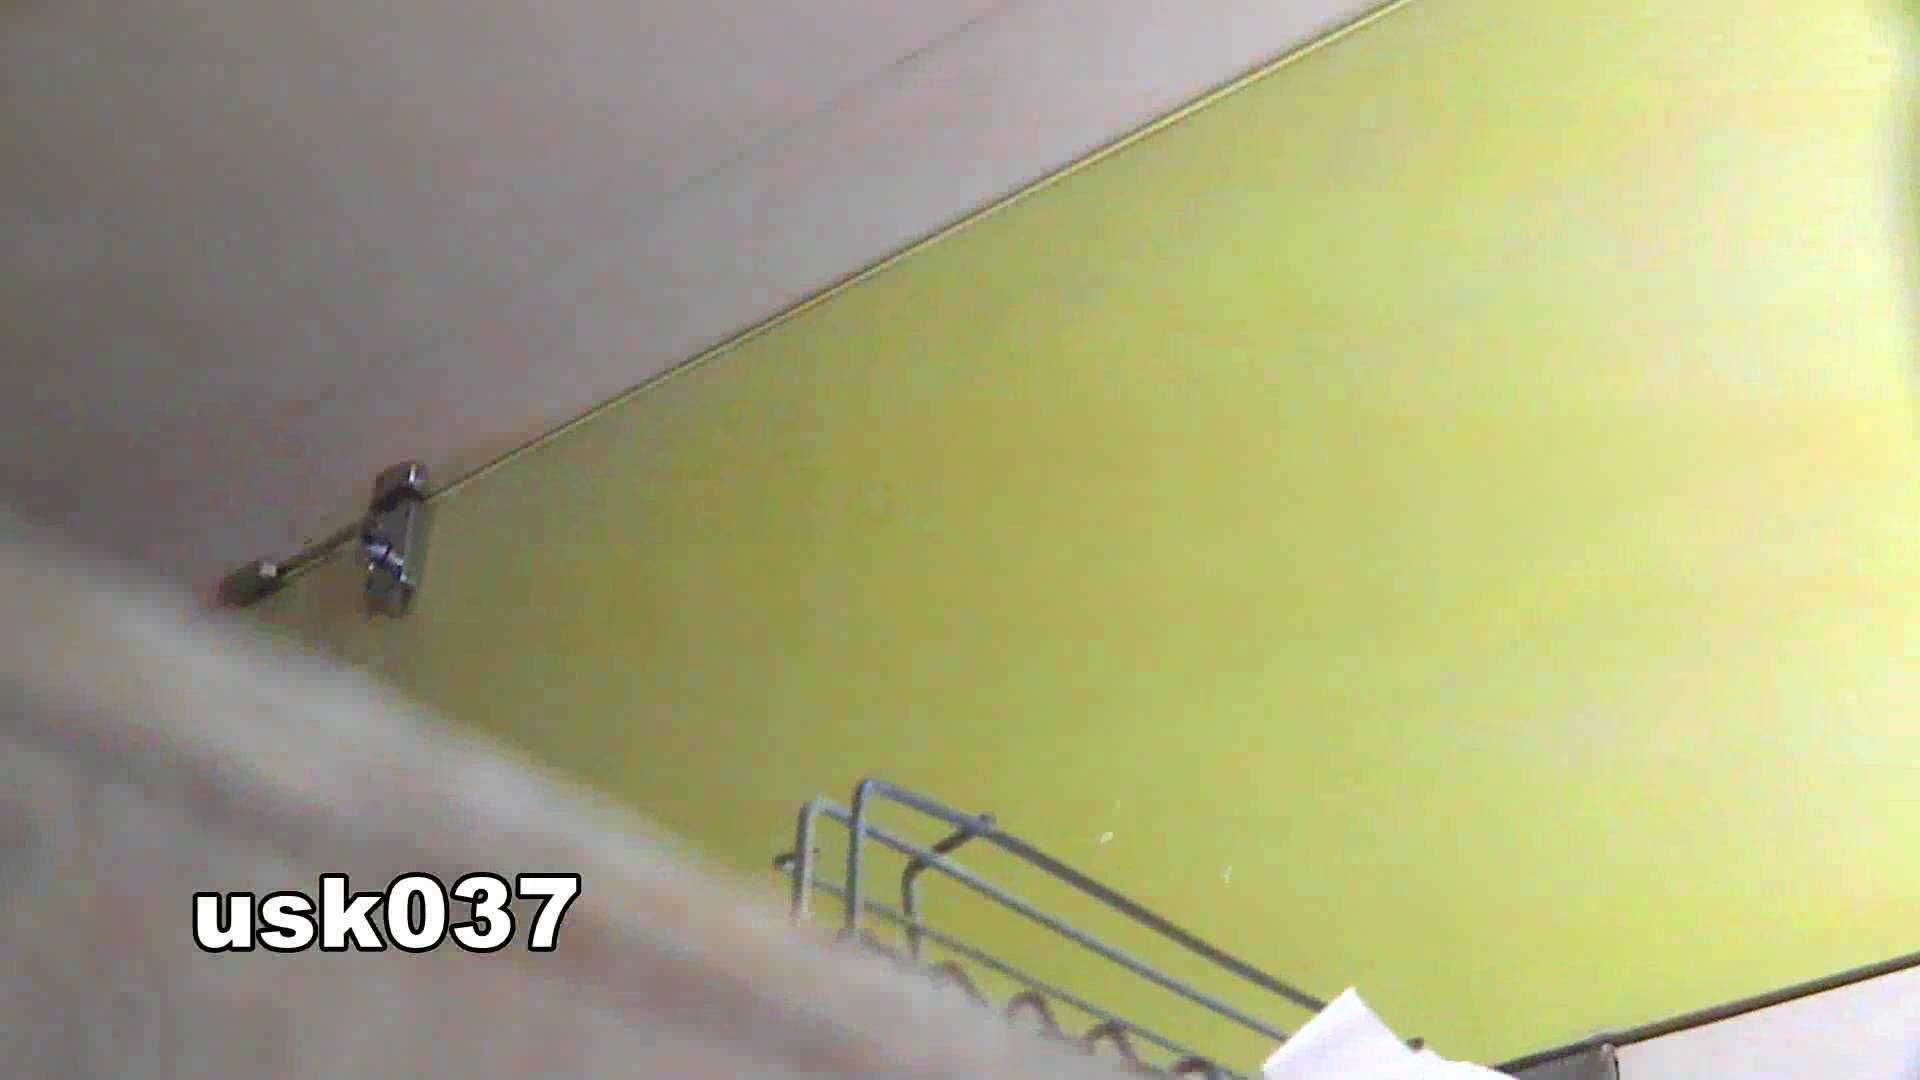 【美しき個室な世界】 vol.037 ひねり出す様子(フトイです) 高評価 AV無料 39画像 20